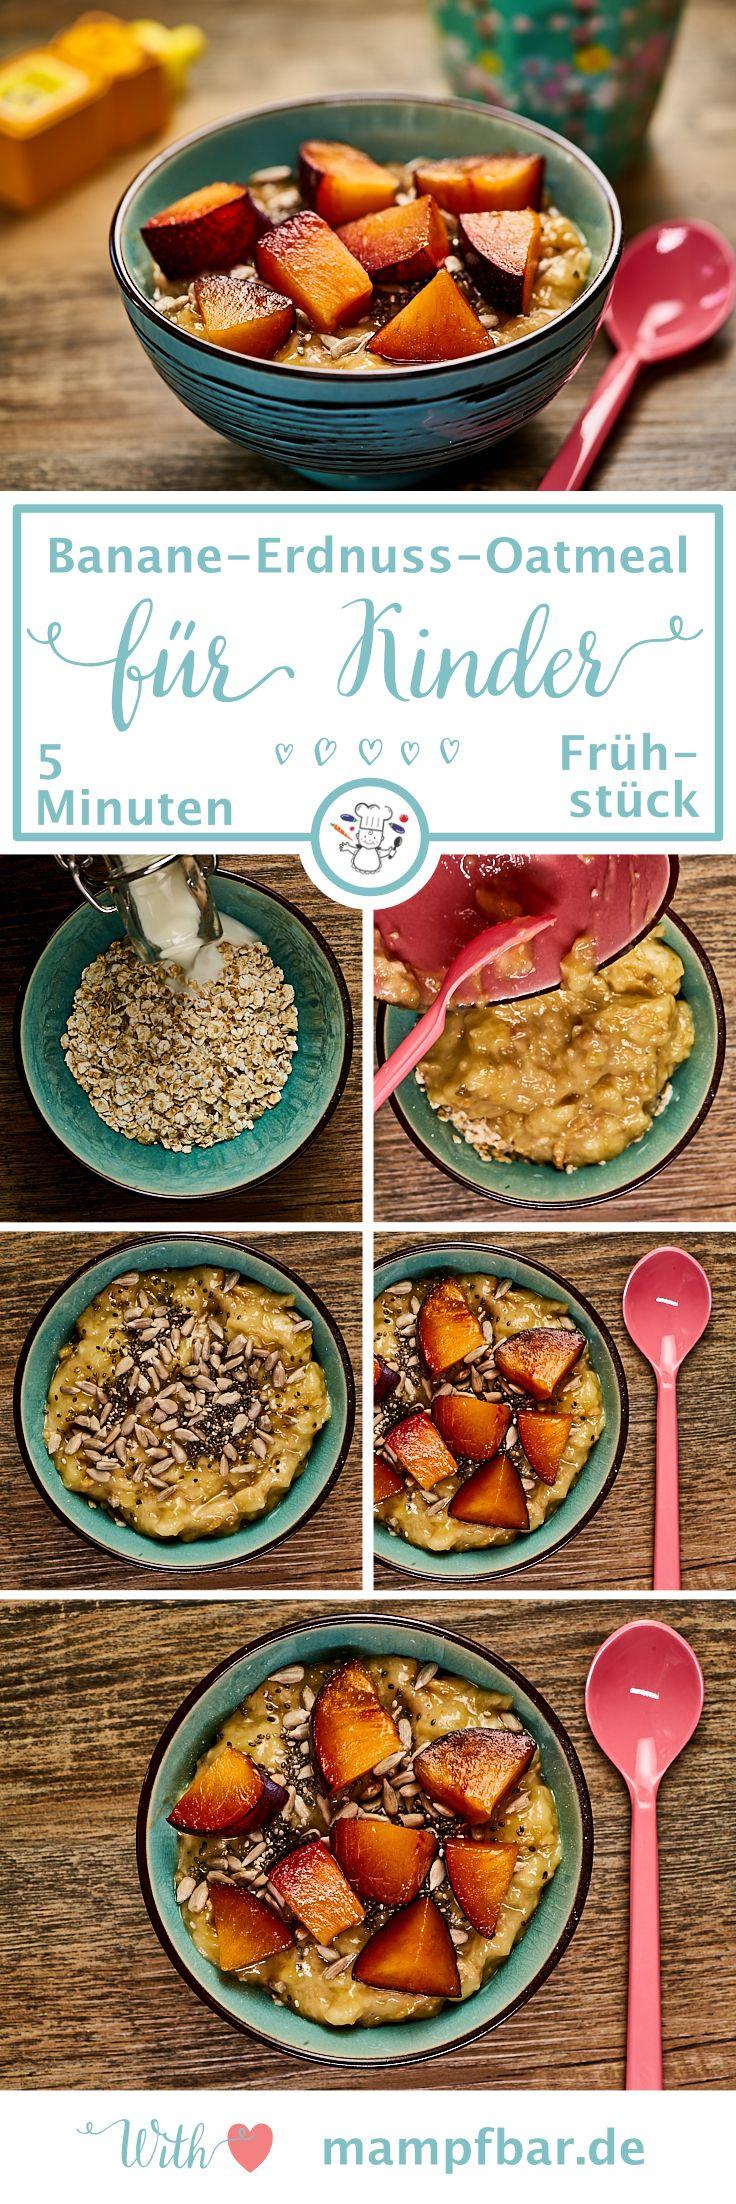 In 5 Minuten fertig: unser Gute-Laune-Power Frühstück für Kinder (und müde Mamas) mit Banane und Erdnuss. Klick hier für das leckere Oatmeal Rezept und viele weitere gesunde Ideen für deine ganze Familie.